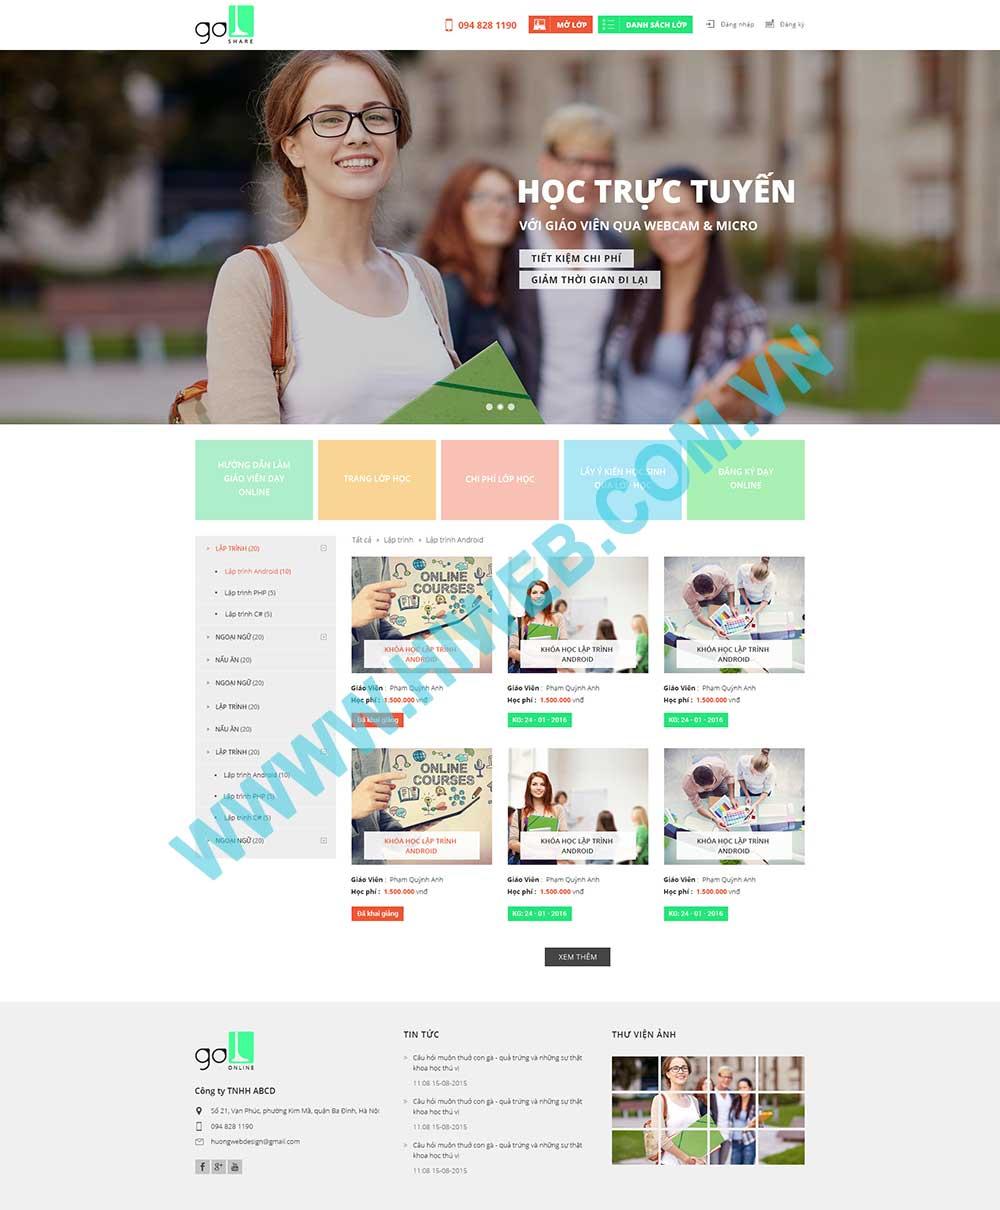 Mẫu website cung cấp các khóa học online Go Share